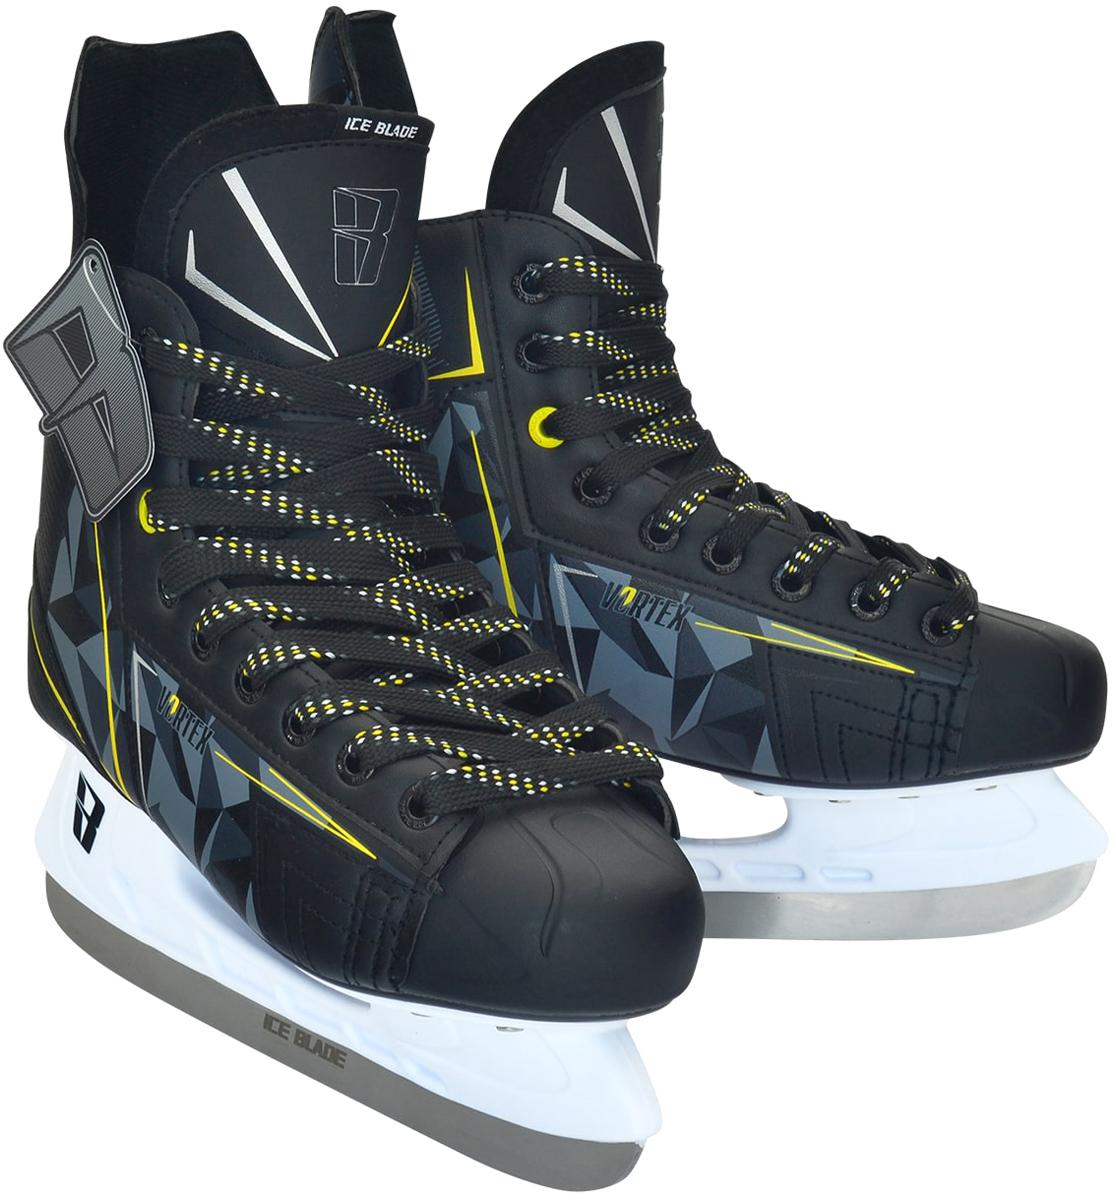 Коньки хоккейные мужские Ice Blade Vortex, цвет: серый, желтый, белый. Размер 45УТ-00010444Хоккейные коньки Ice Blade Vortex являются официальной лицензионной продукцией Континентальной Хоккейной Лиги (КХЛ). Это прекрасная любительская модель коньков с уникальным стильным ассиметричным дизайном, выполненным в новой стилистической концепции КХЛ. Модель выполнена из износостойких материалов, устойчивых к порезам. Усиленная жесткость ботинка для более уверенного катания. Дополнительные вставки из EVA и MEMORY foam обеспечат комфорт. Лезвие выполнено из высокоуглеродистой стали с покрытием из никеля. Шнуровка надежно зафиксирует модель на ноге.Коньки подходят для использования на открытом и закрытом льду.